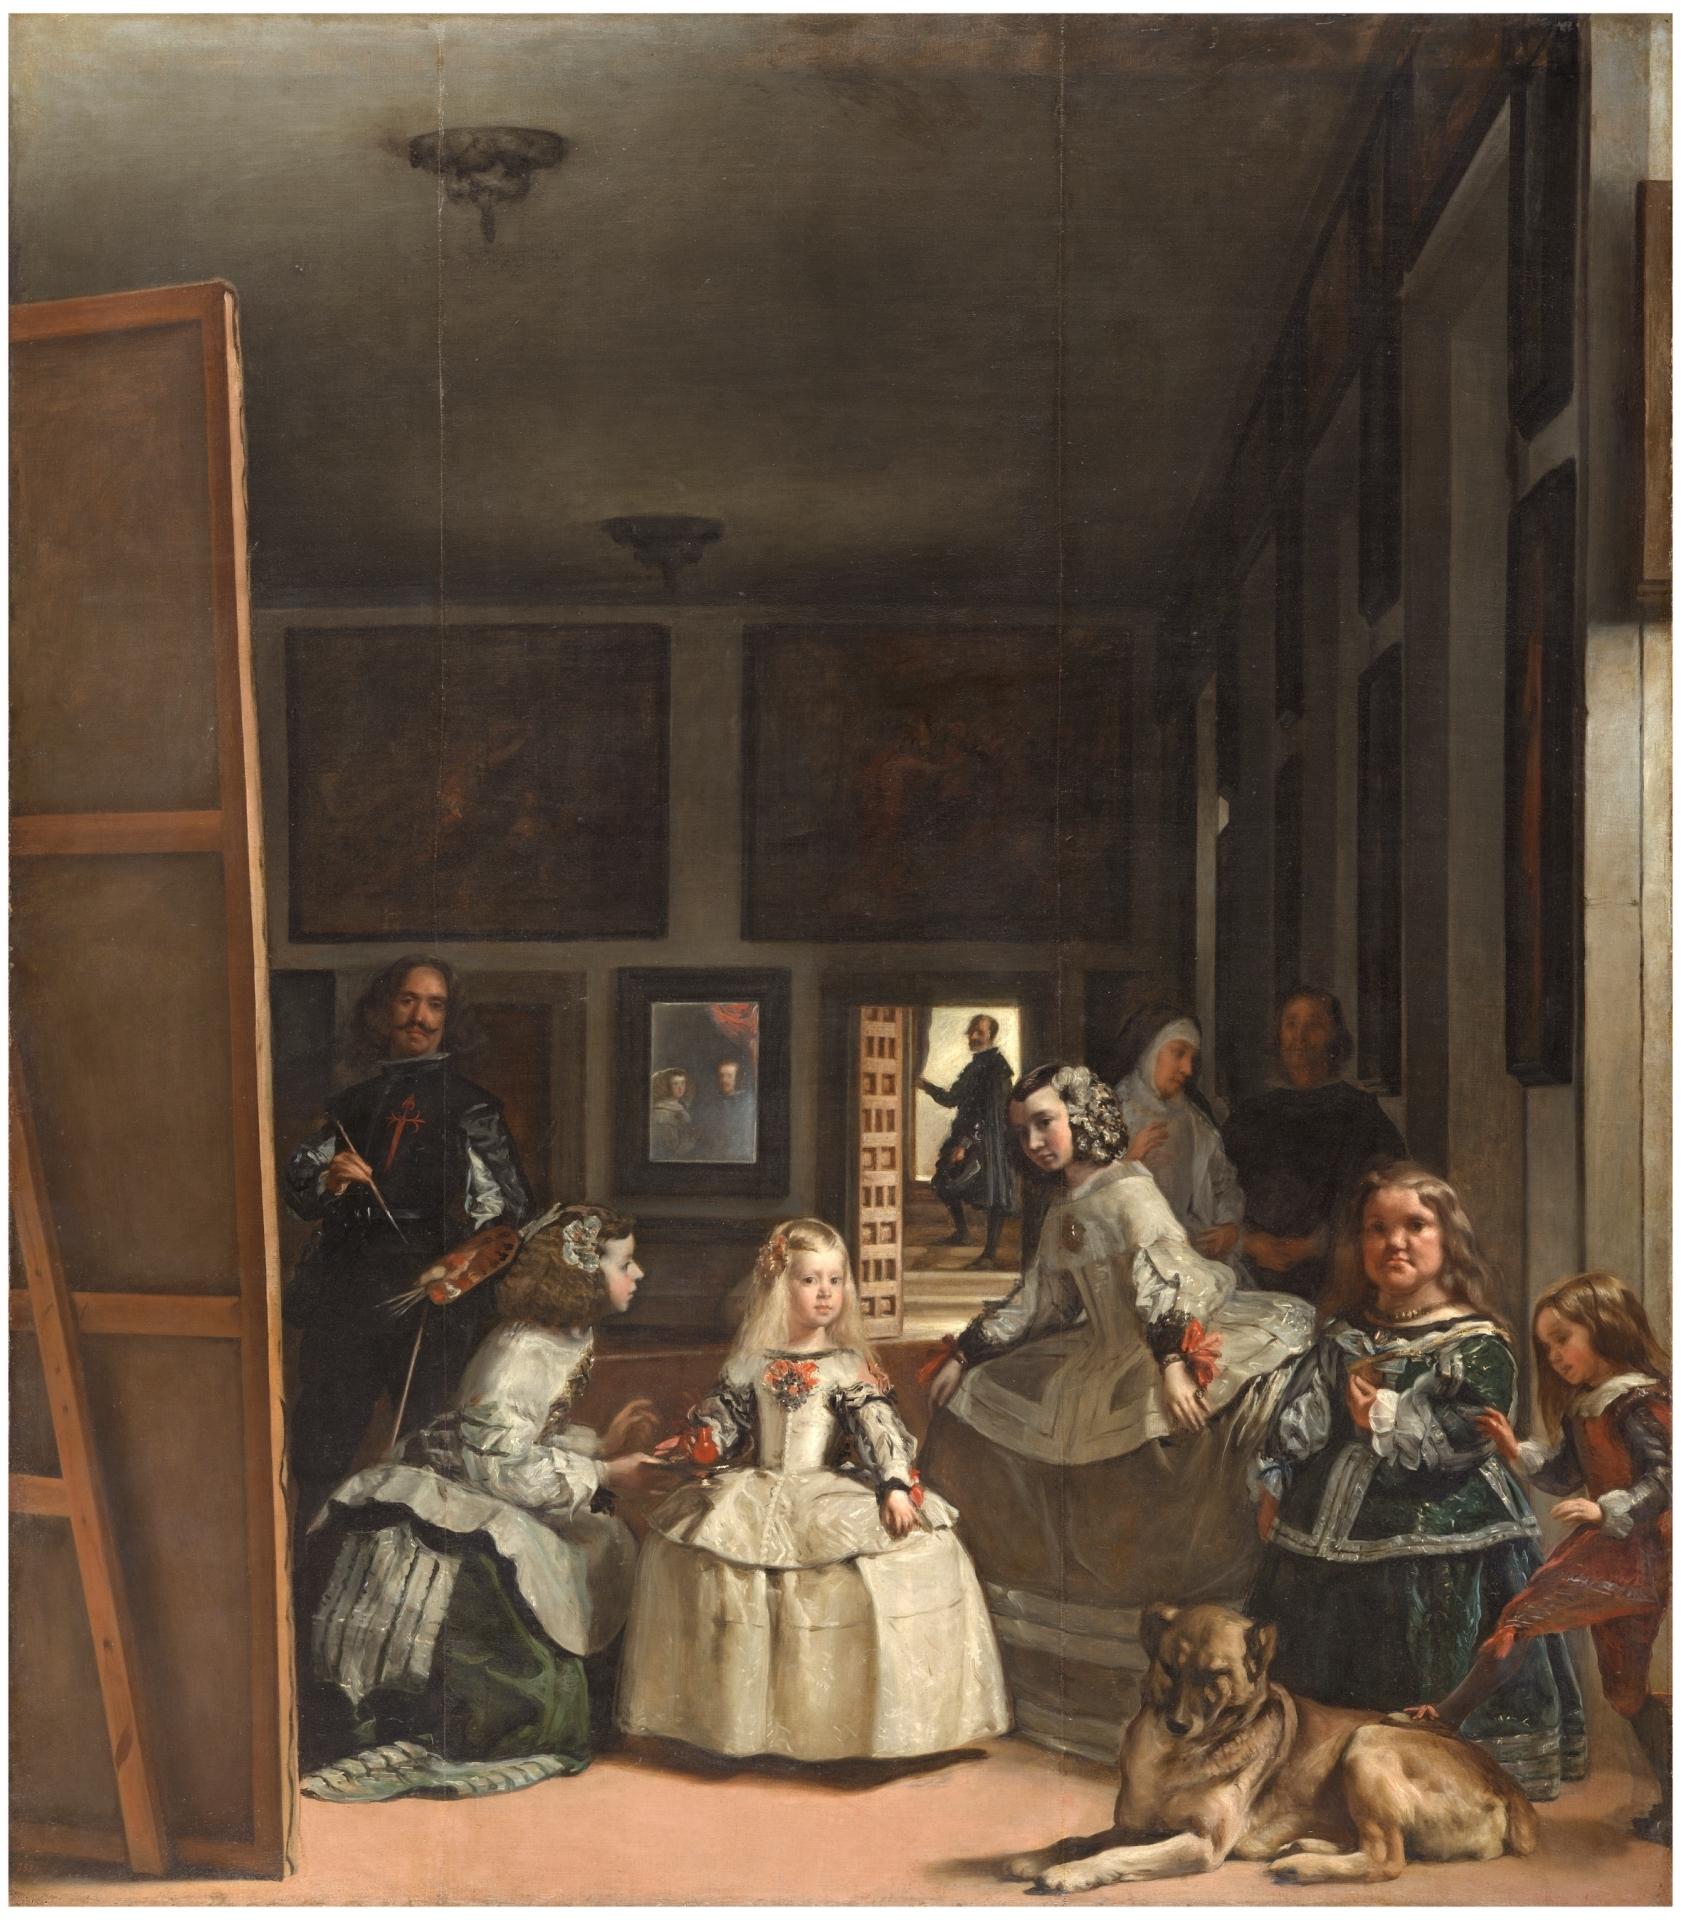 Las meninas - Colección - Museo Nacional del Prado